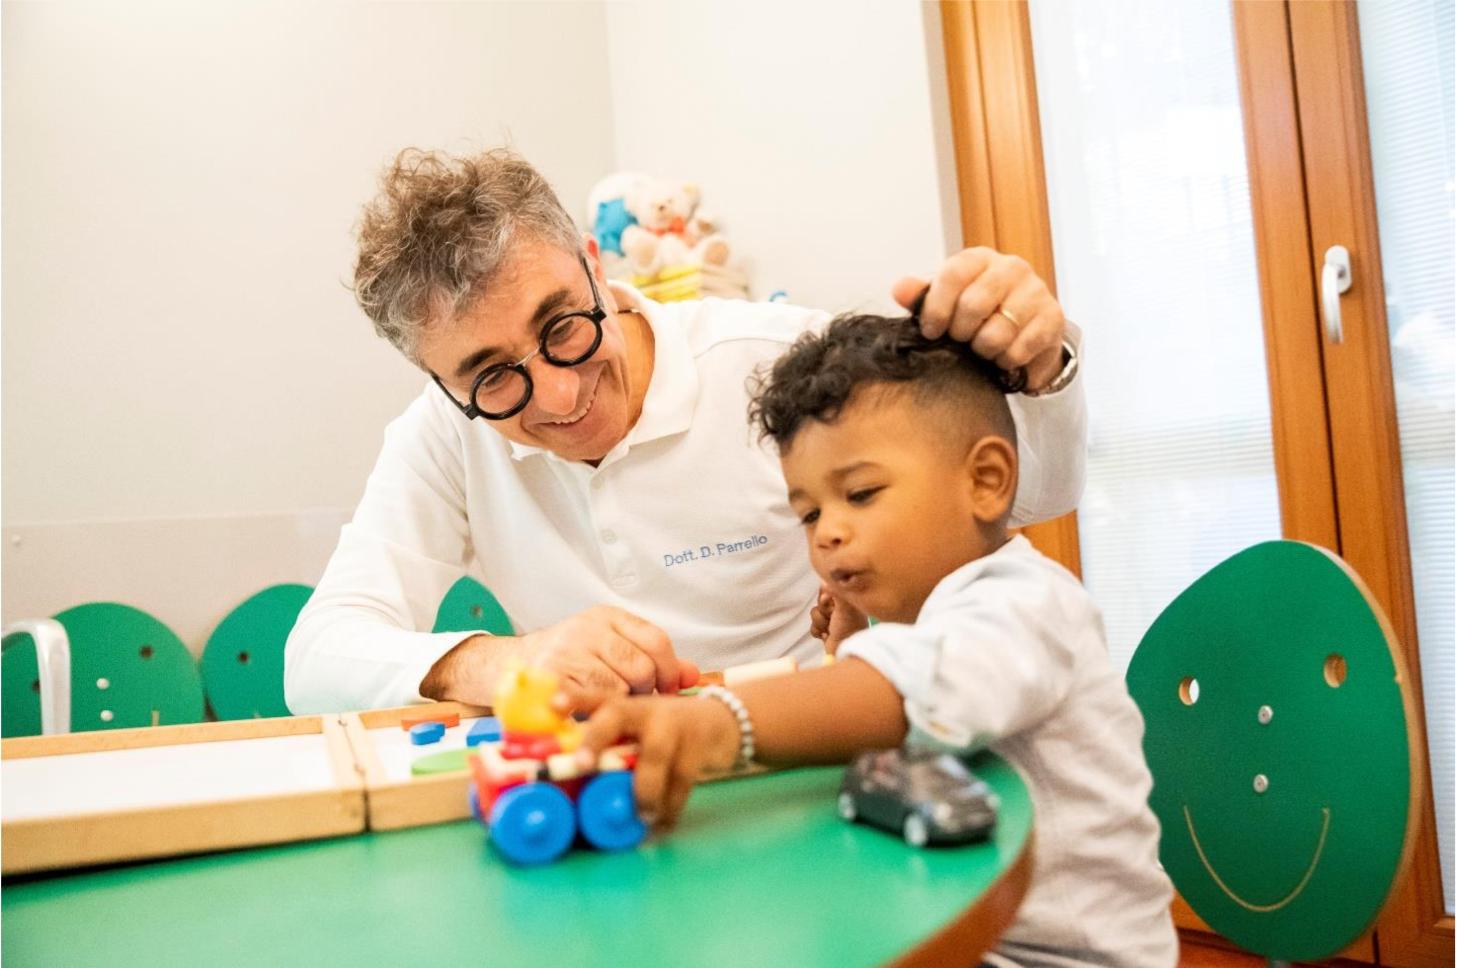 Odontoiatria Pediatrica: L'importanza di seguire crescita e sviluppo corretto dei denti nei bambini – Articolo elaborato da Dott. Daniele Parrello Prof a c. Università dell'Insubria – Varese Medico Chirurgo